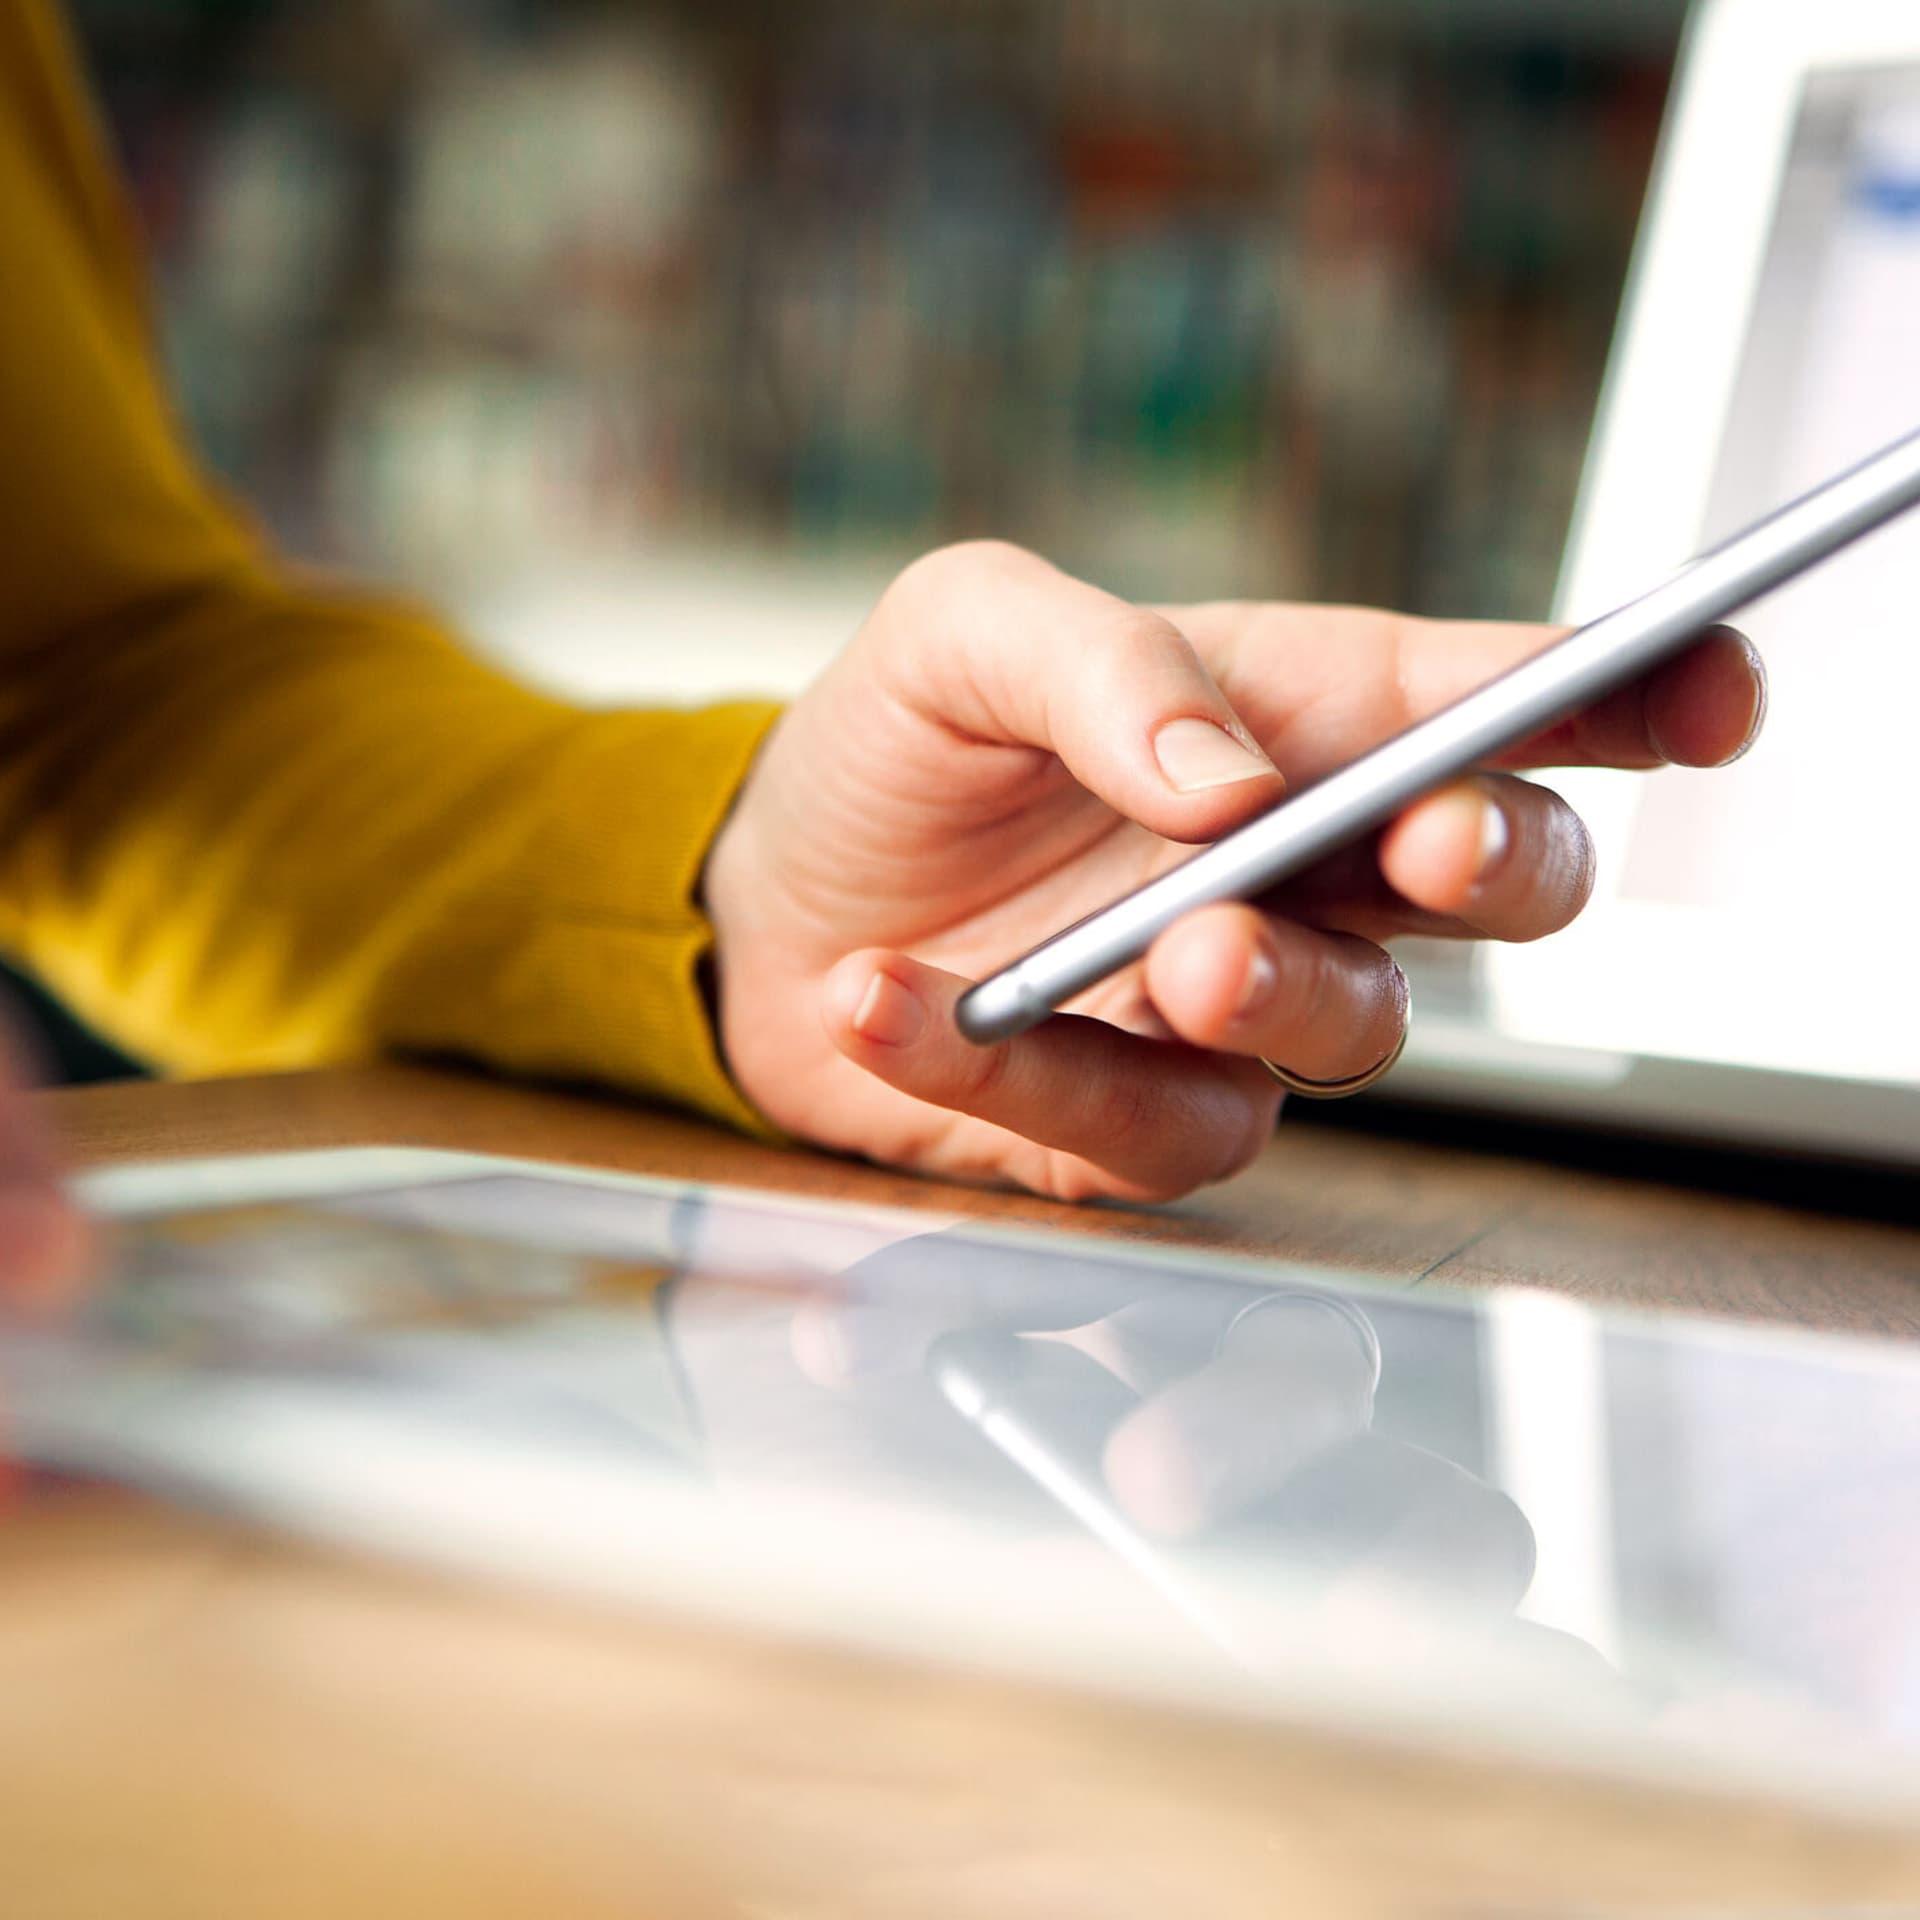 Eine Hand, die ein Smartphone hält